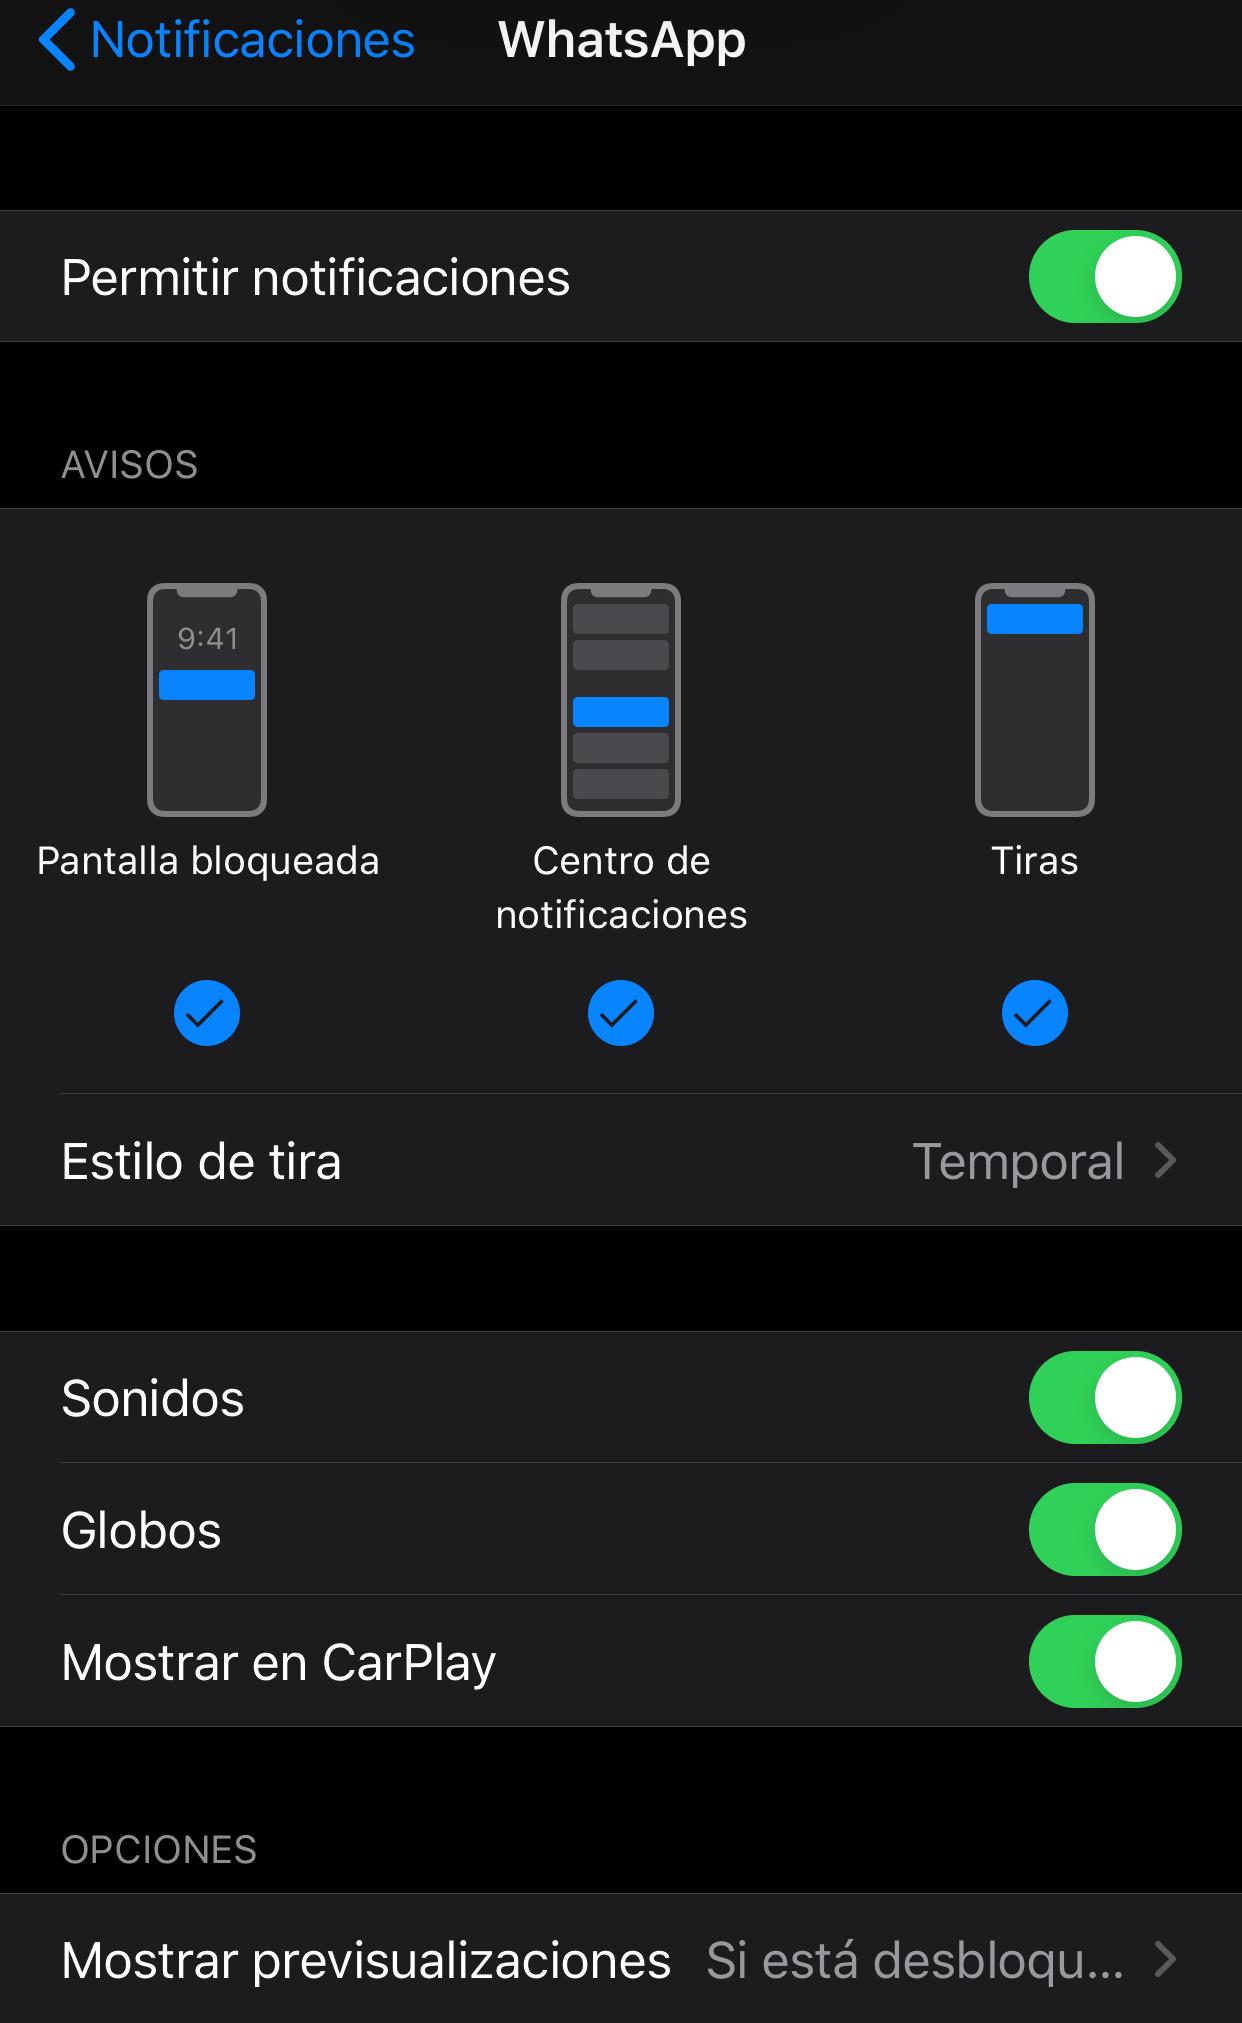 ocultar una aplicación en CarPlay whatsapp